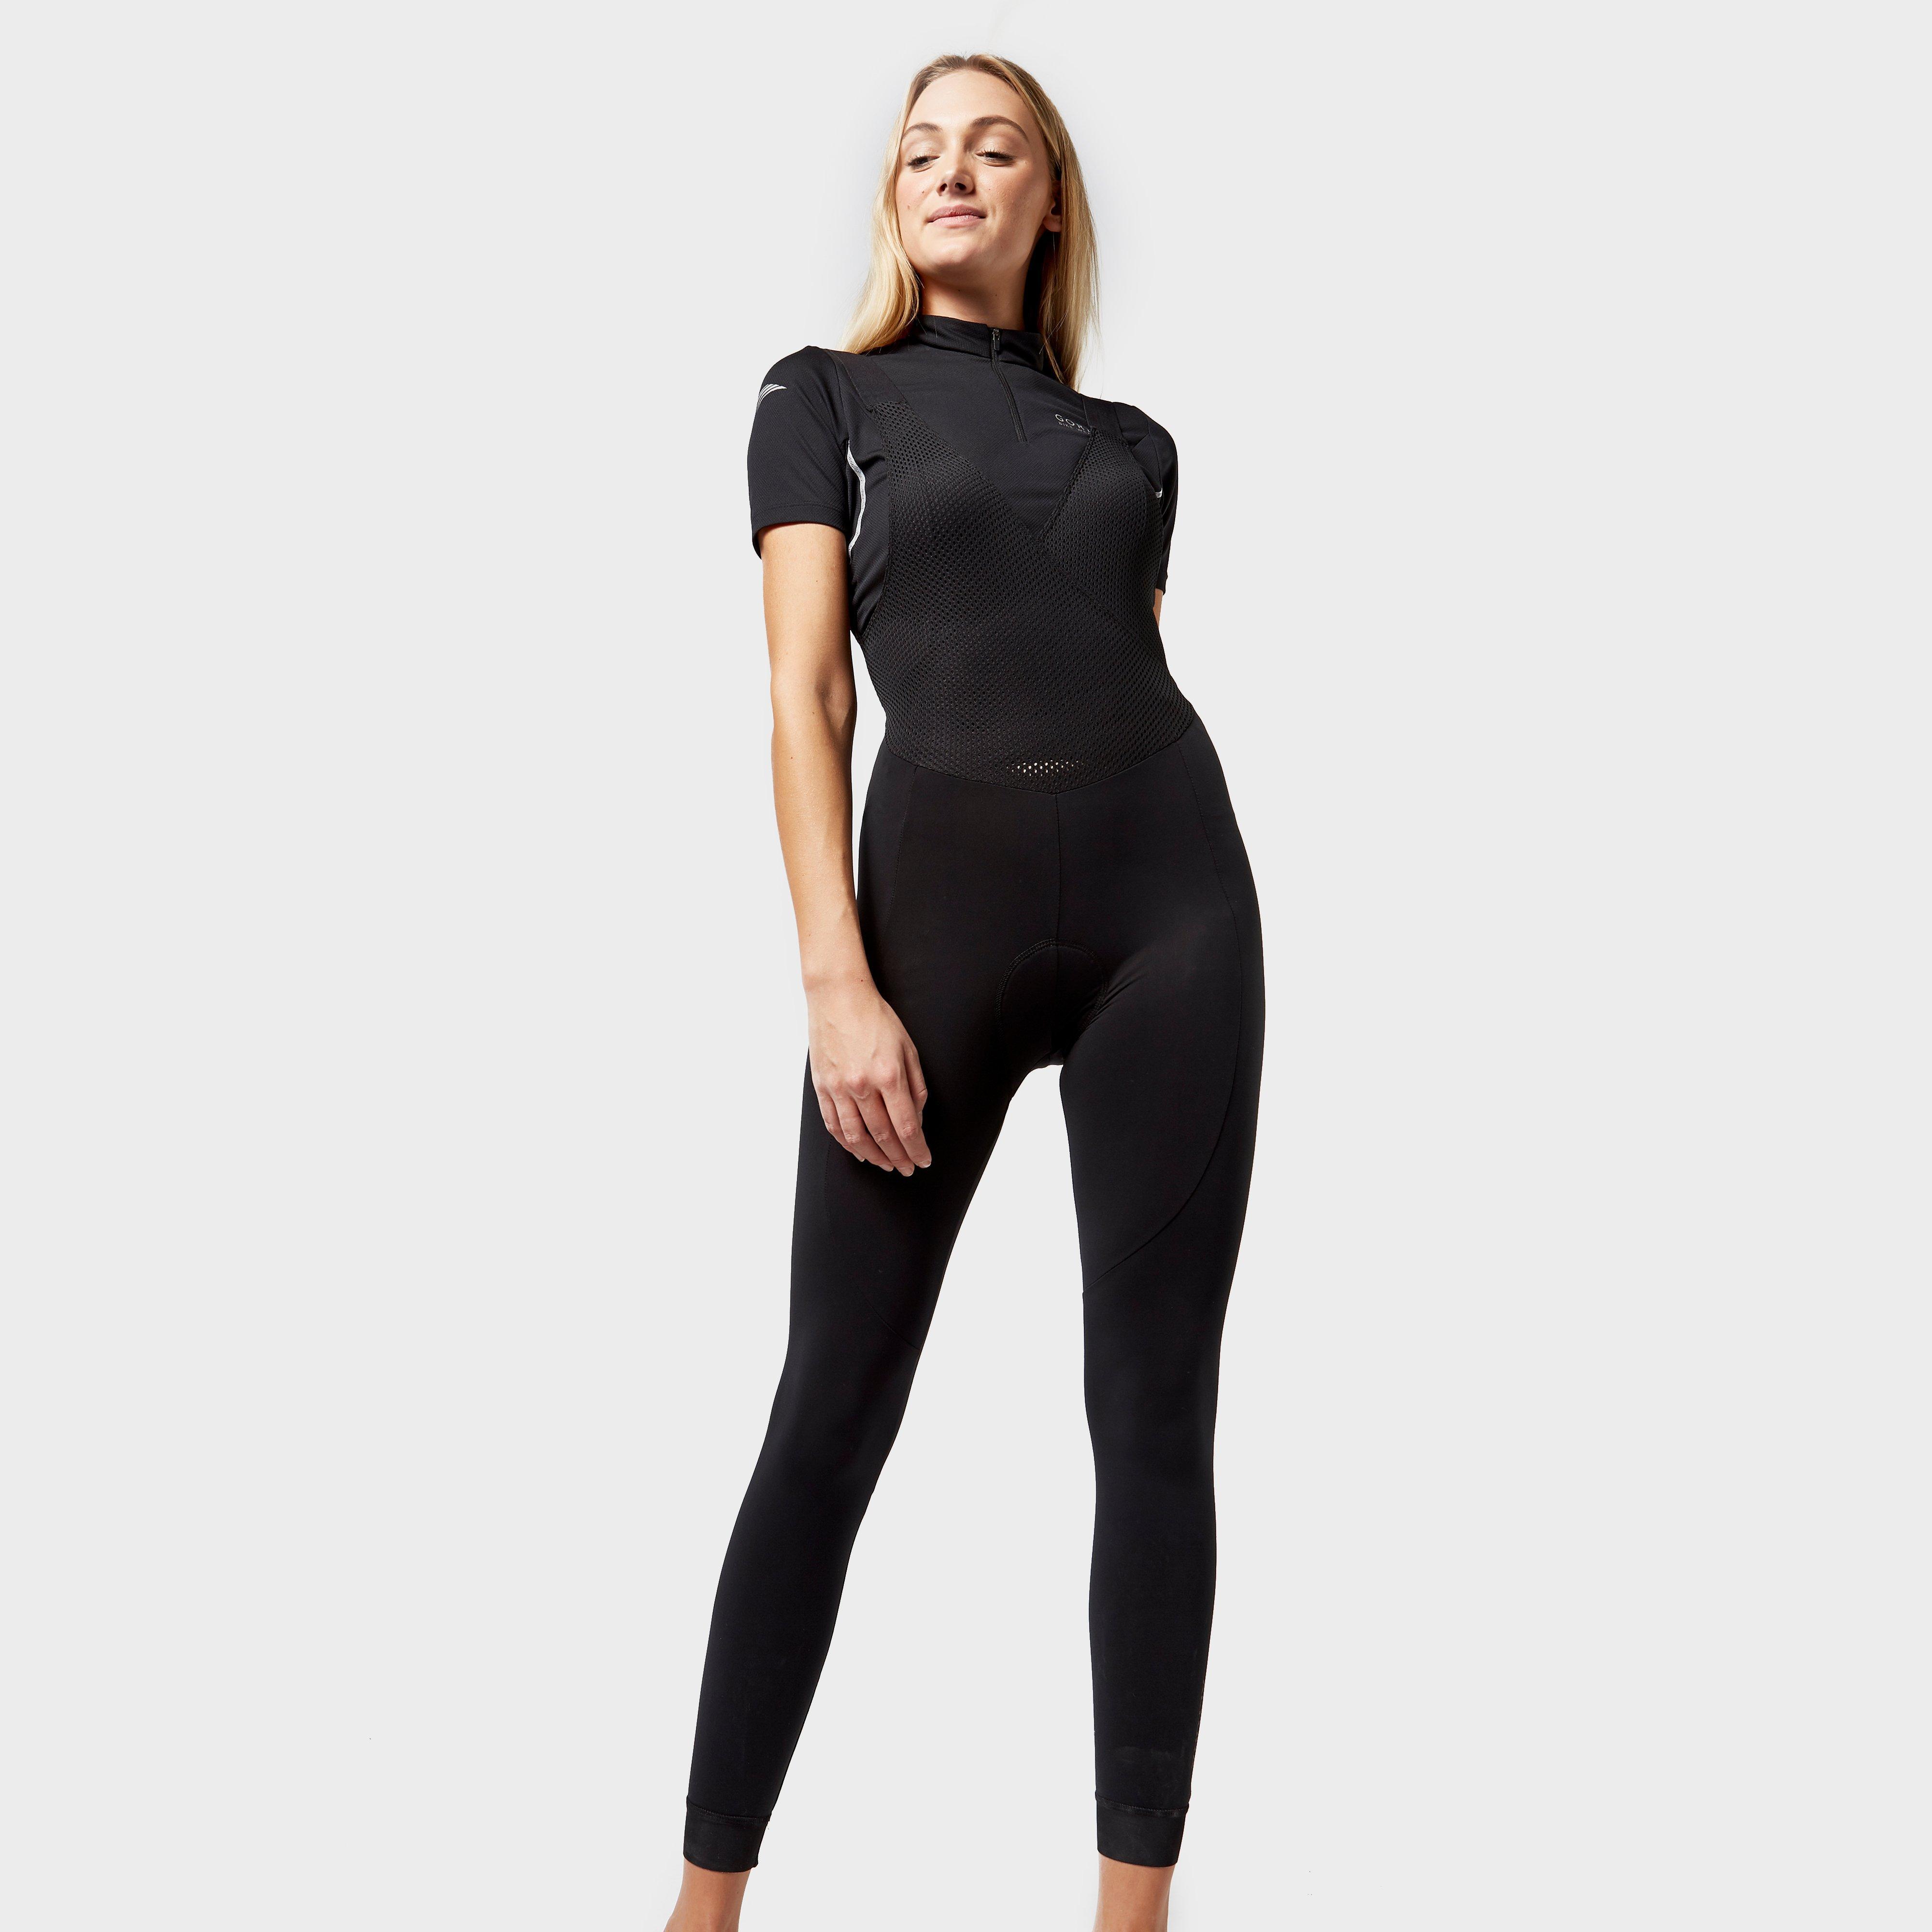 Altura Altura womens Thermal Bib Tights - Black, Black